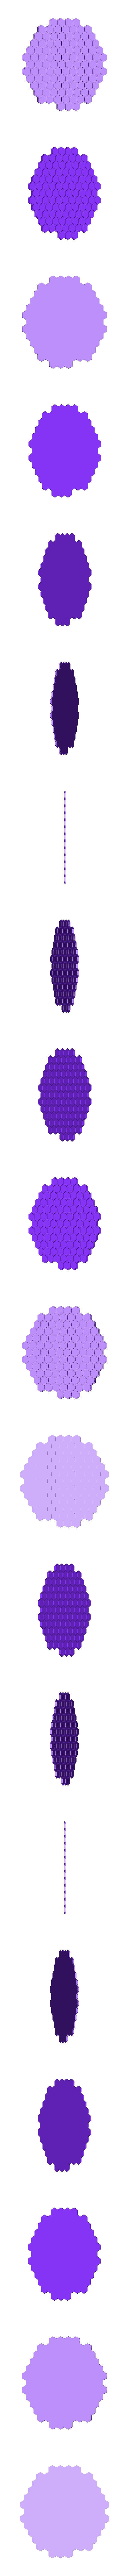 shieldsCircle_001.stl Télécharger fichier STL gratuit Boucliers ioniques tournants ! • Design pour impression 3D, FelixTheCrazy